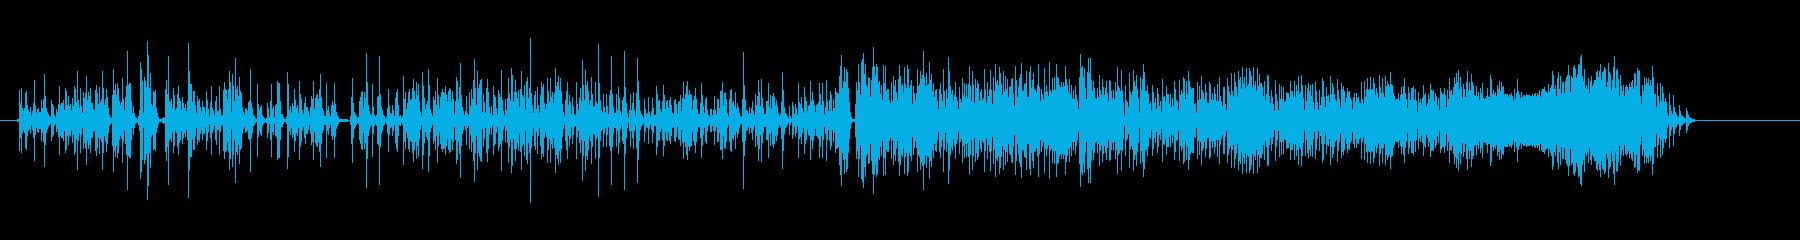 怨念の声(呪怨系)の再生済みの波形